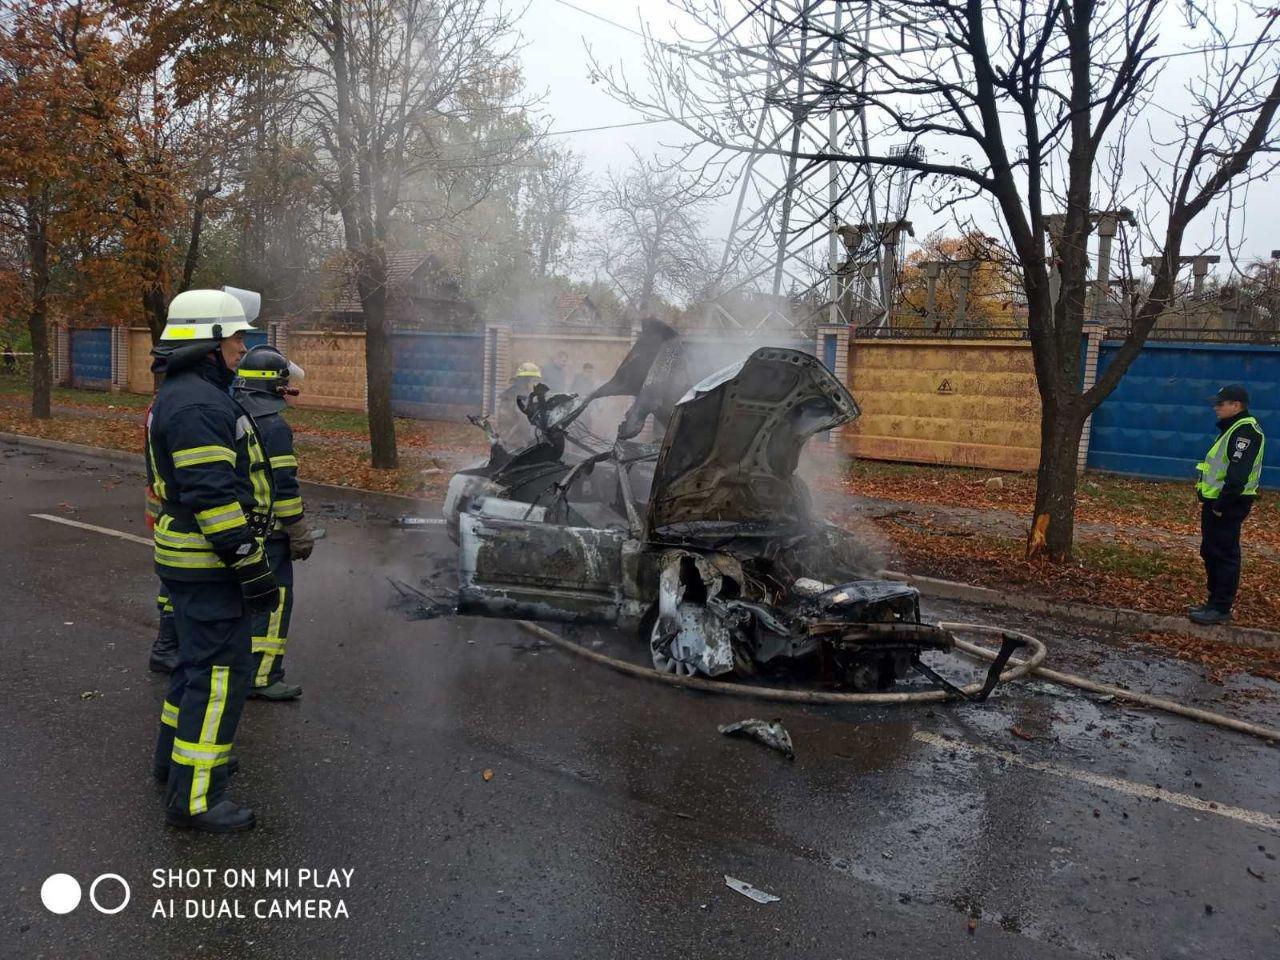 После столкновения с деревом в Кривом Роге сгорела иномарка. Водитель госпитализирована, - ФОТО, ВИДЕО, фото-2